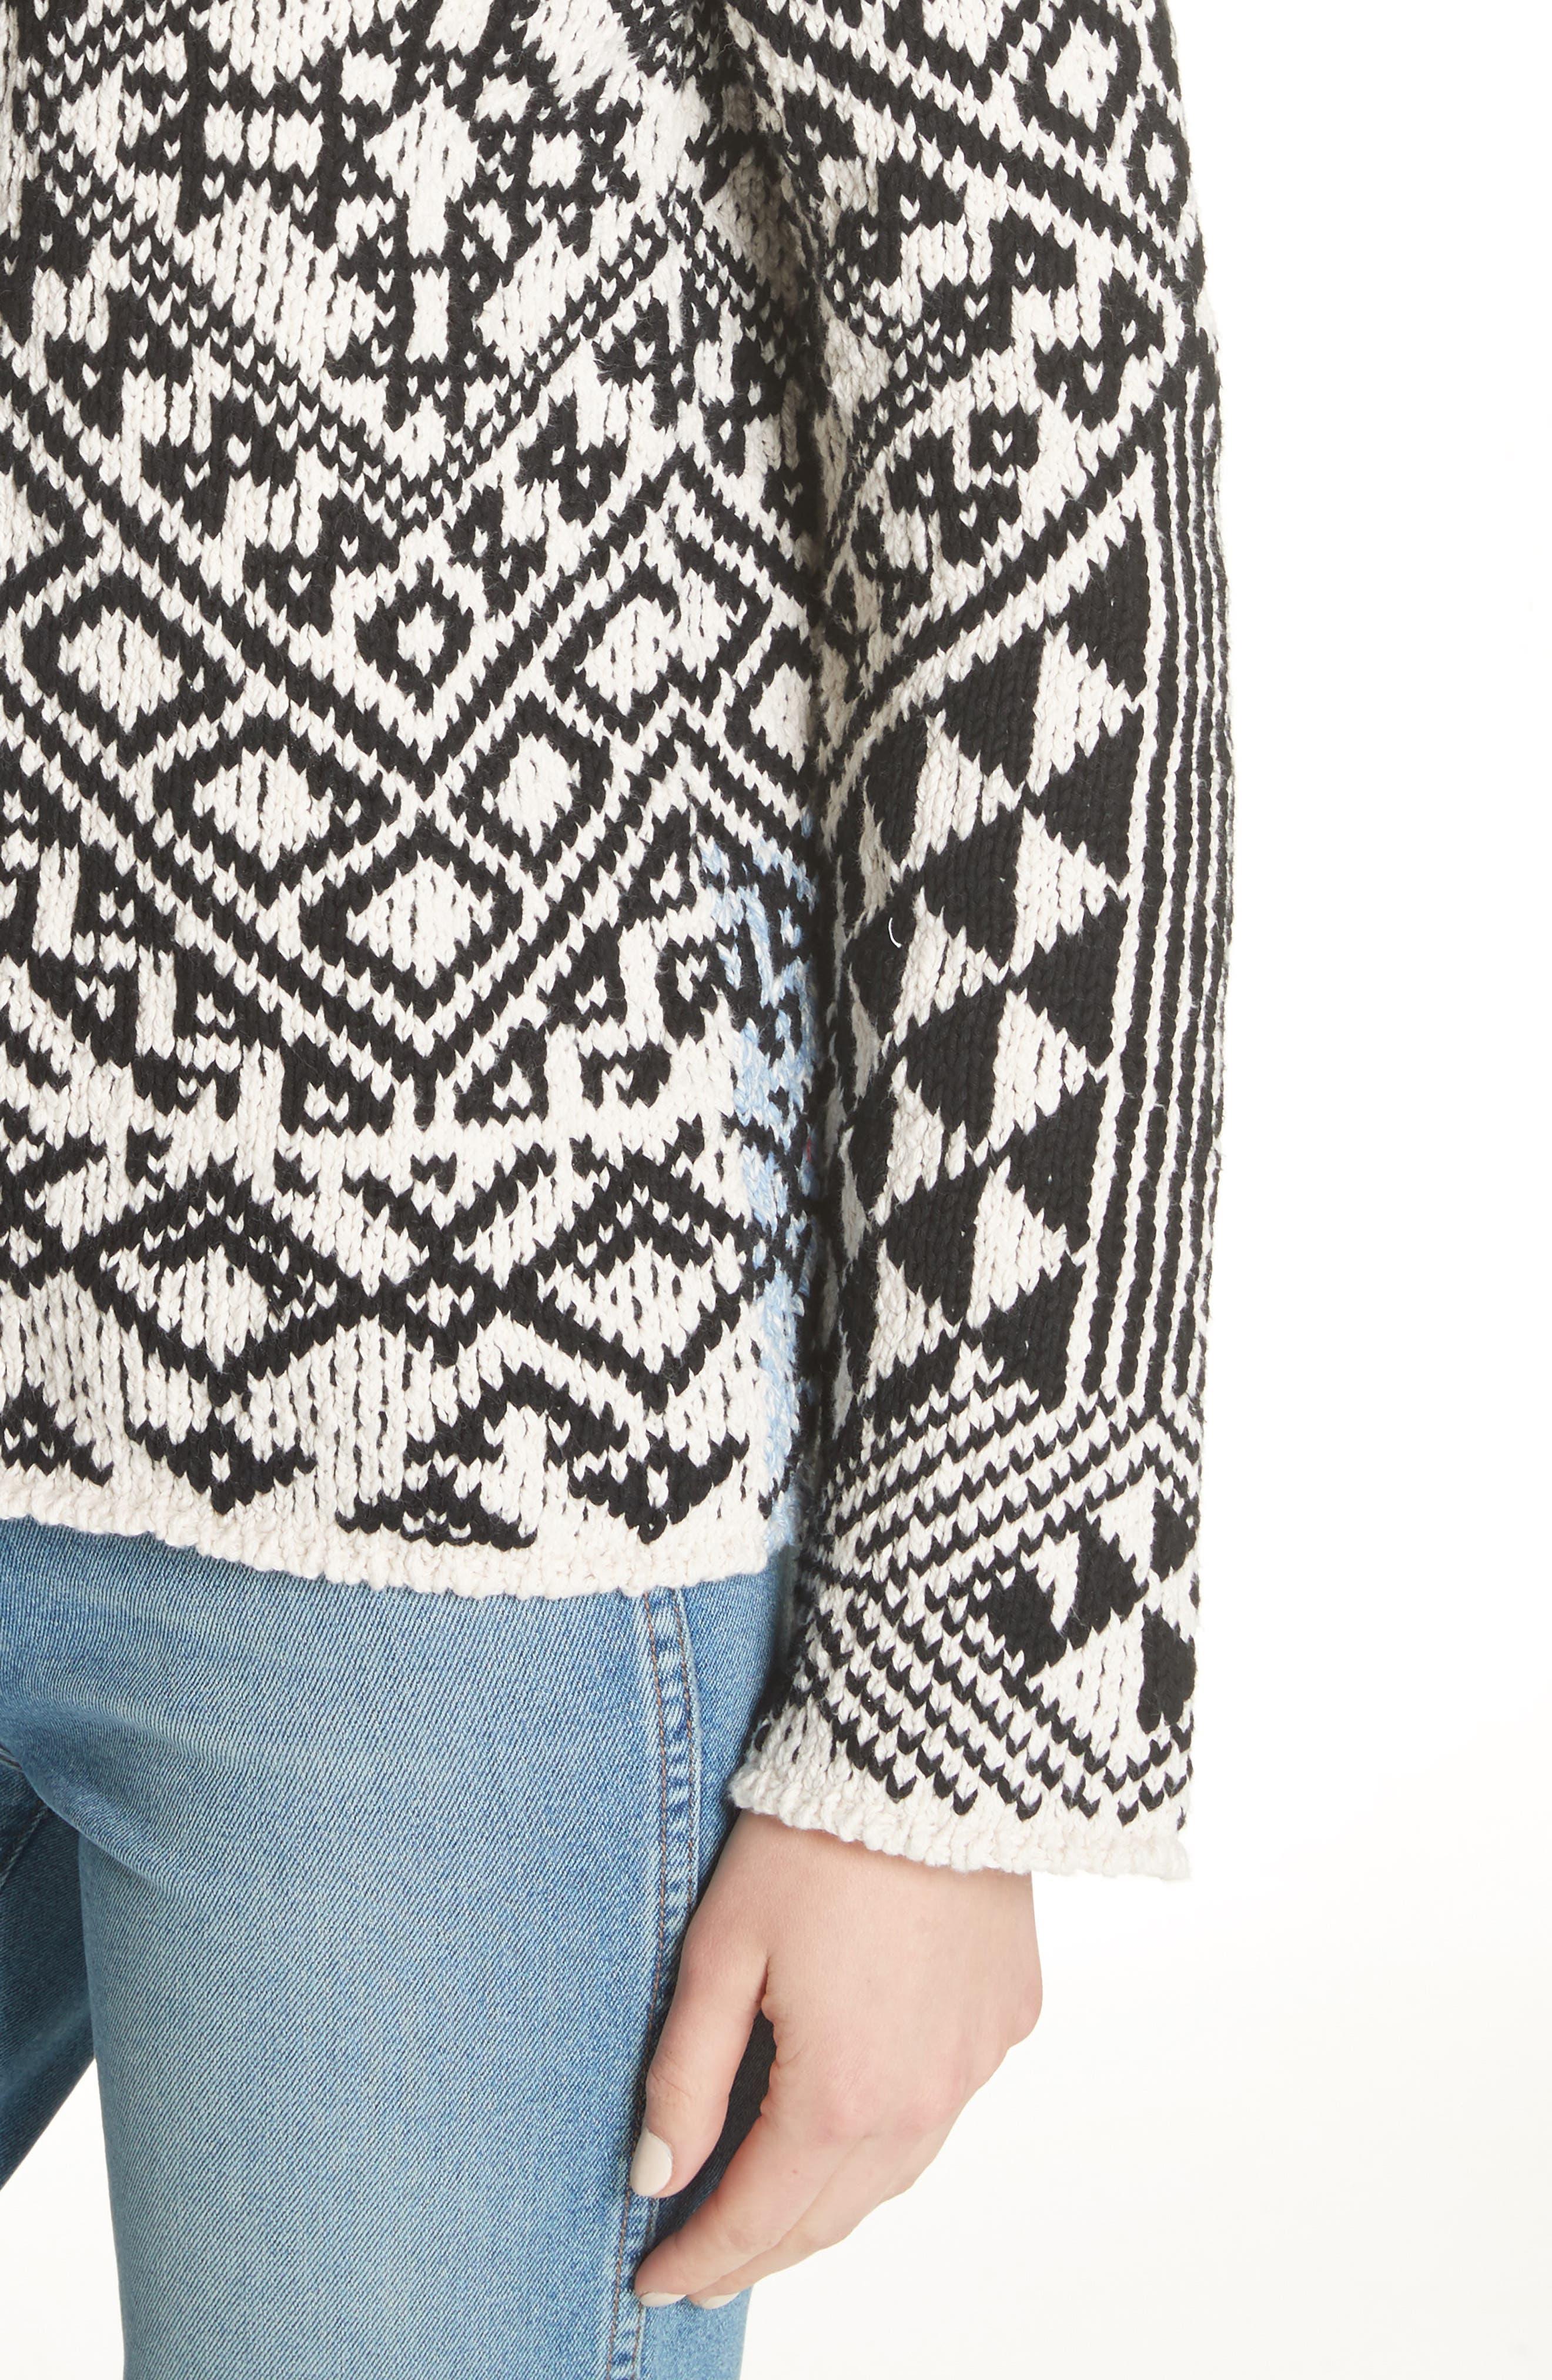 Rhia Jacquard Sweater,                             Alternate thumbnail 4, color,